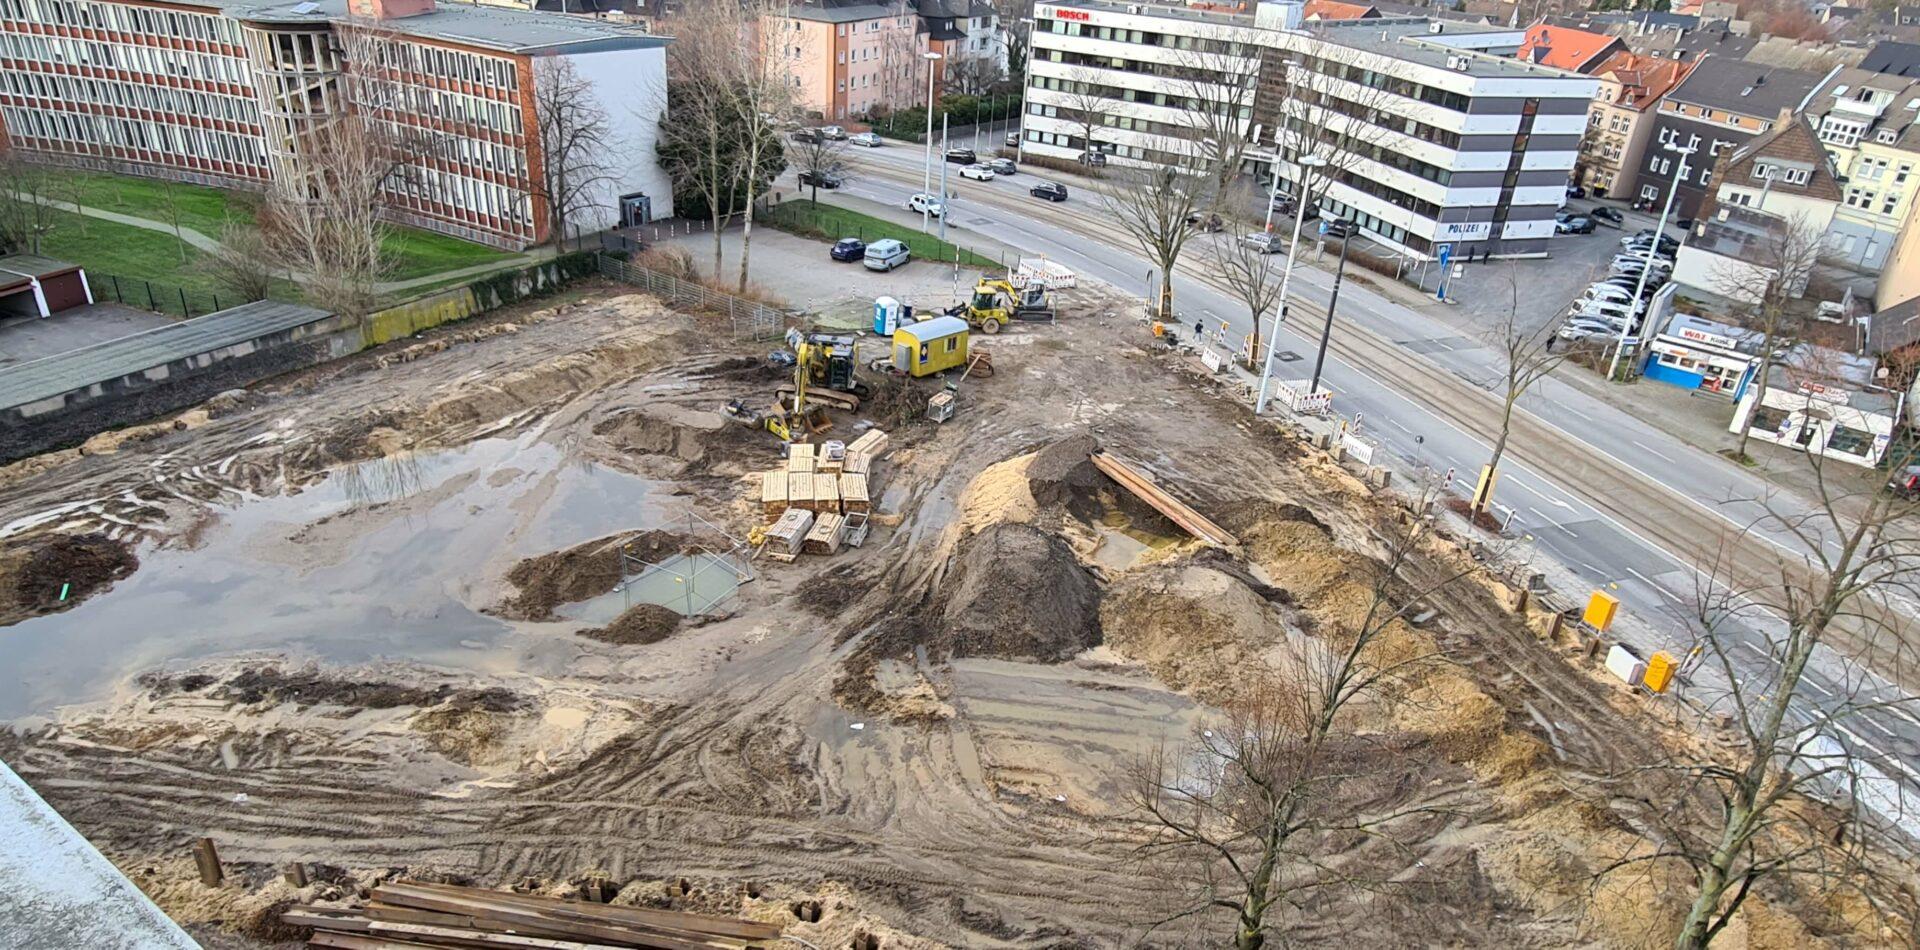 Voedestrasse Baustelle Stadtentwicklung Wattenscheid